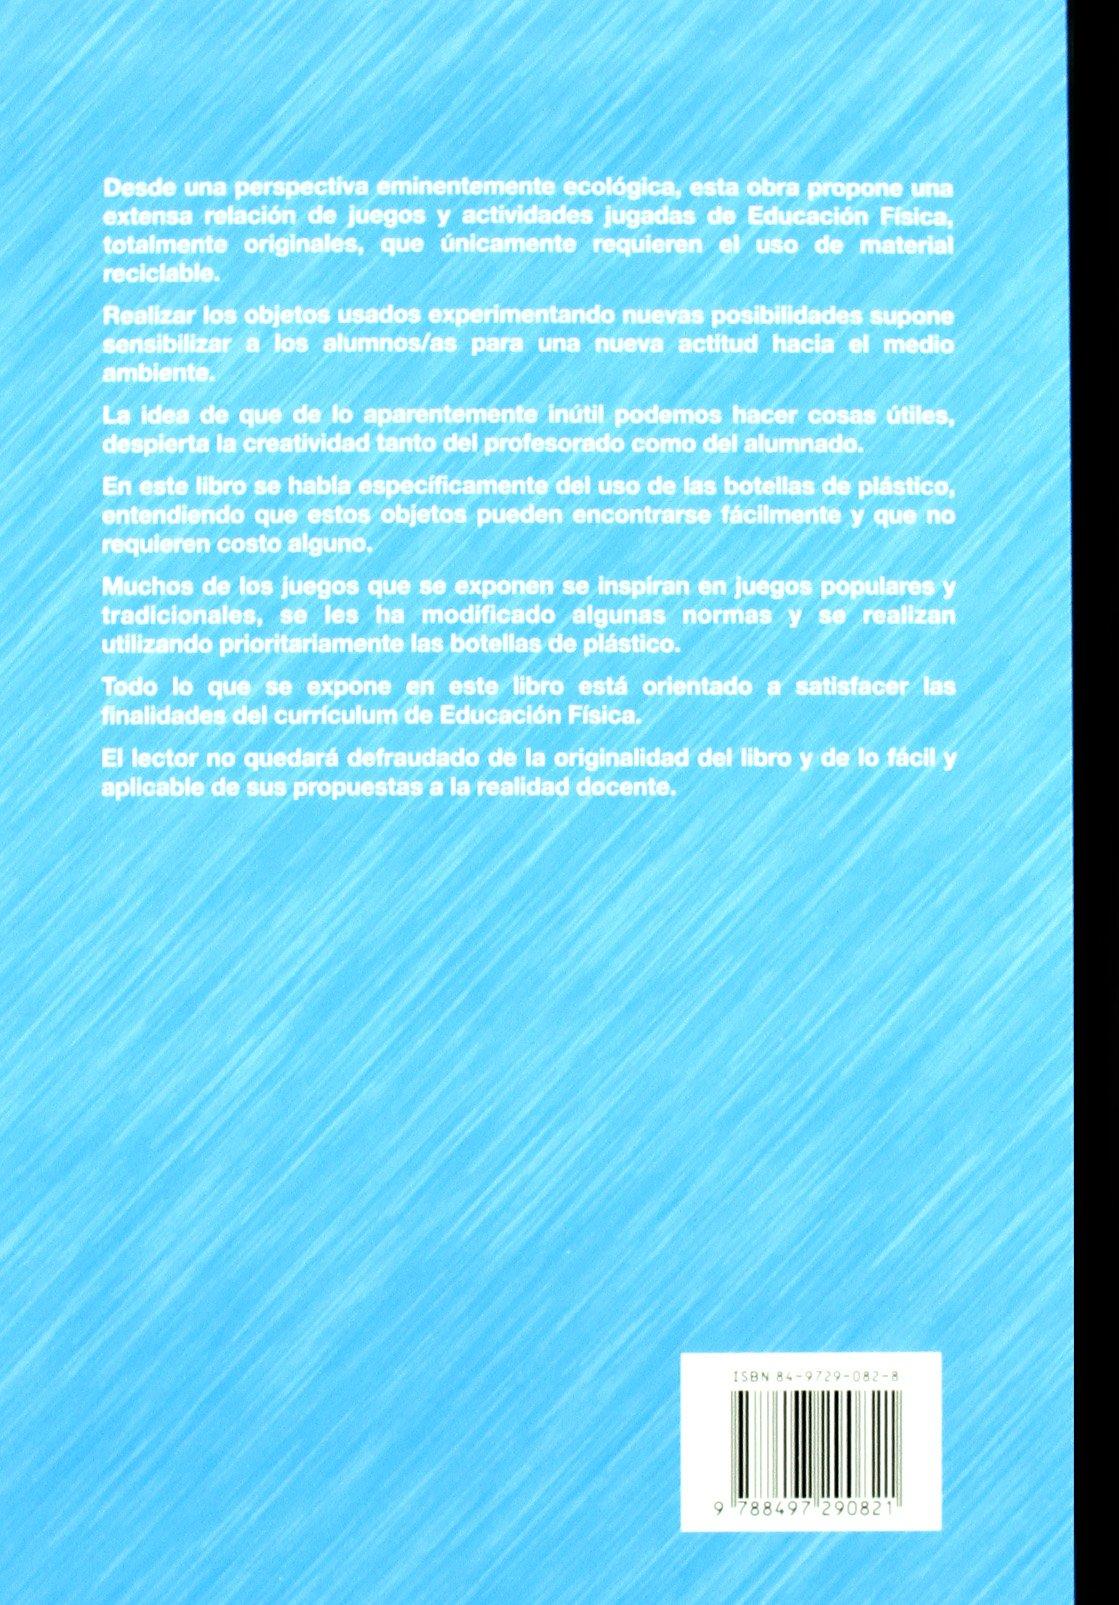 Juegos Ecológicos Con Botellas De Plástico (Spanish Edition): Manuel Gutiérrez Toca: 9788497290821: Amazon.com: Books